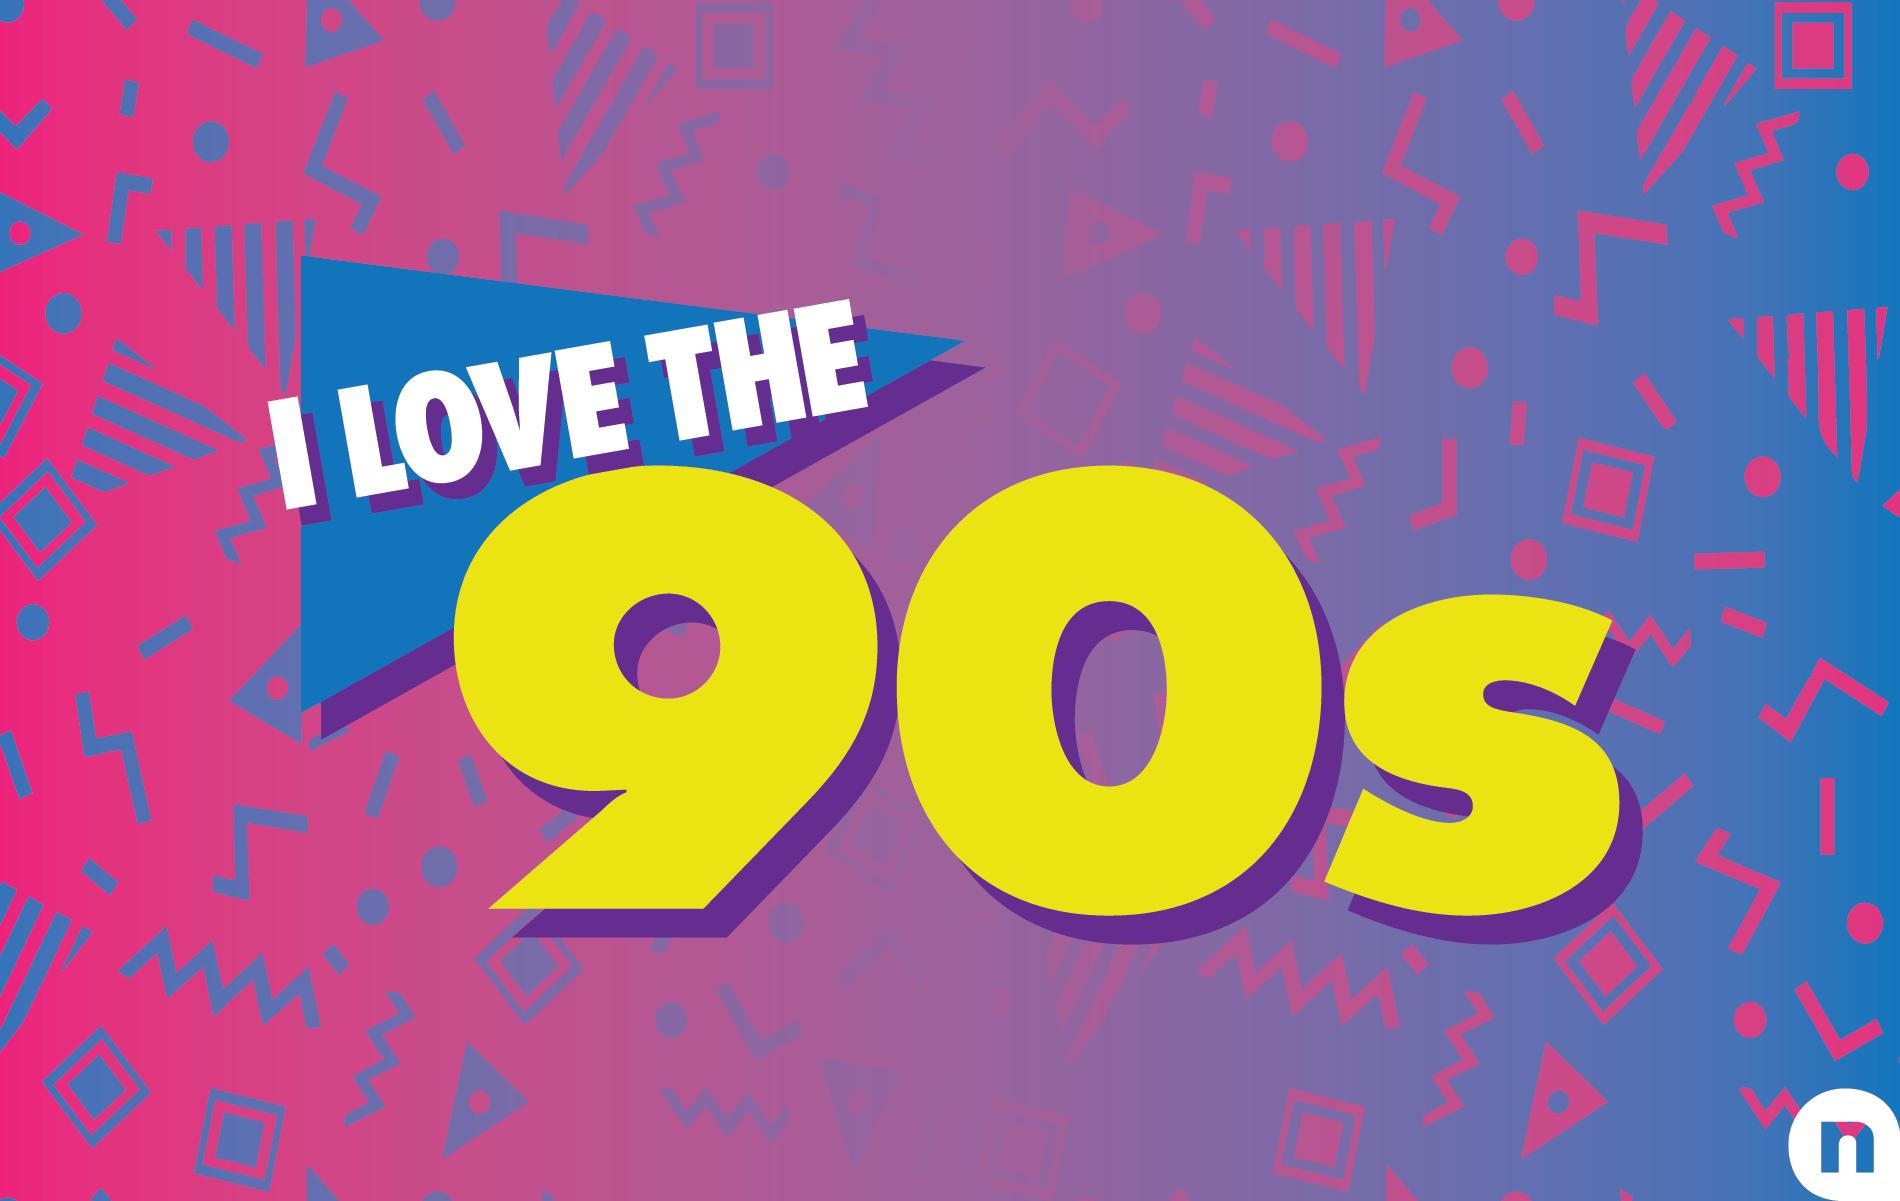 بازگشت دوباره سبکهای دهه نود میلادی – بازگشت باشکوه کولههای سبک fanny